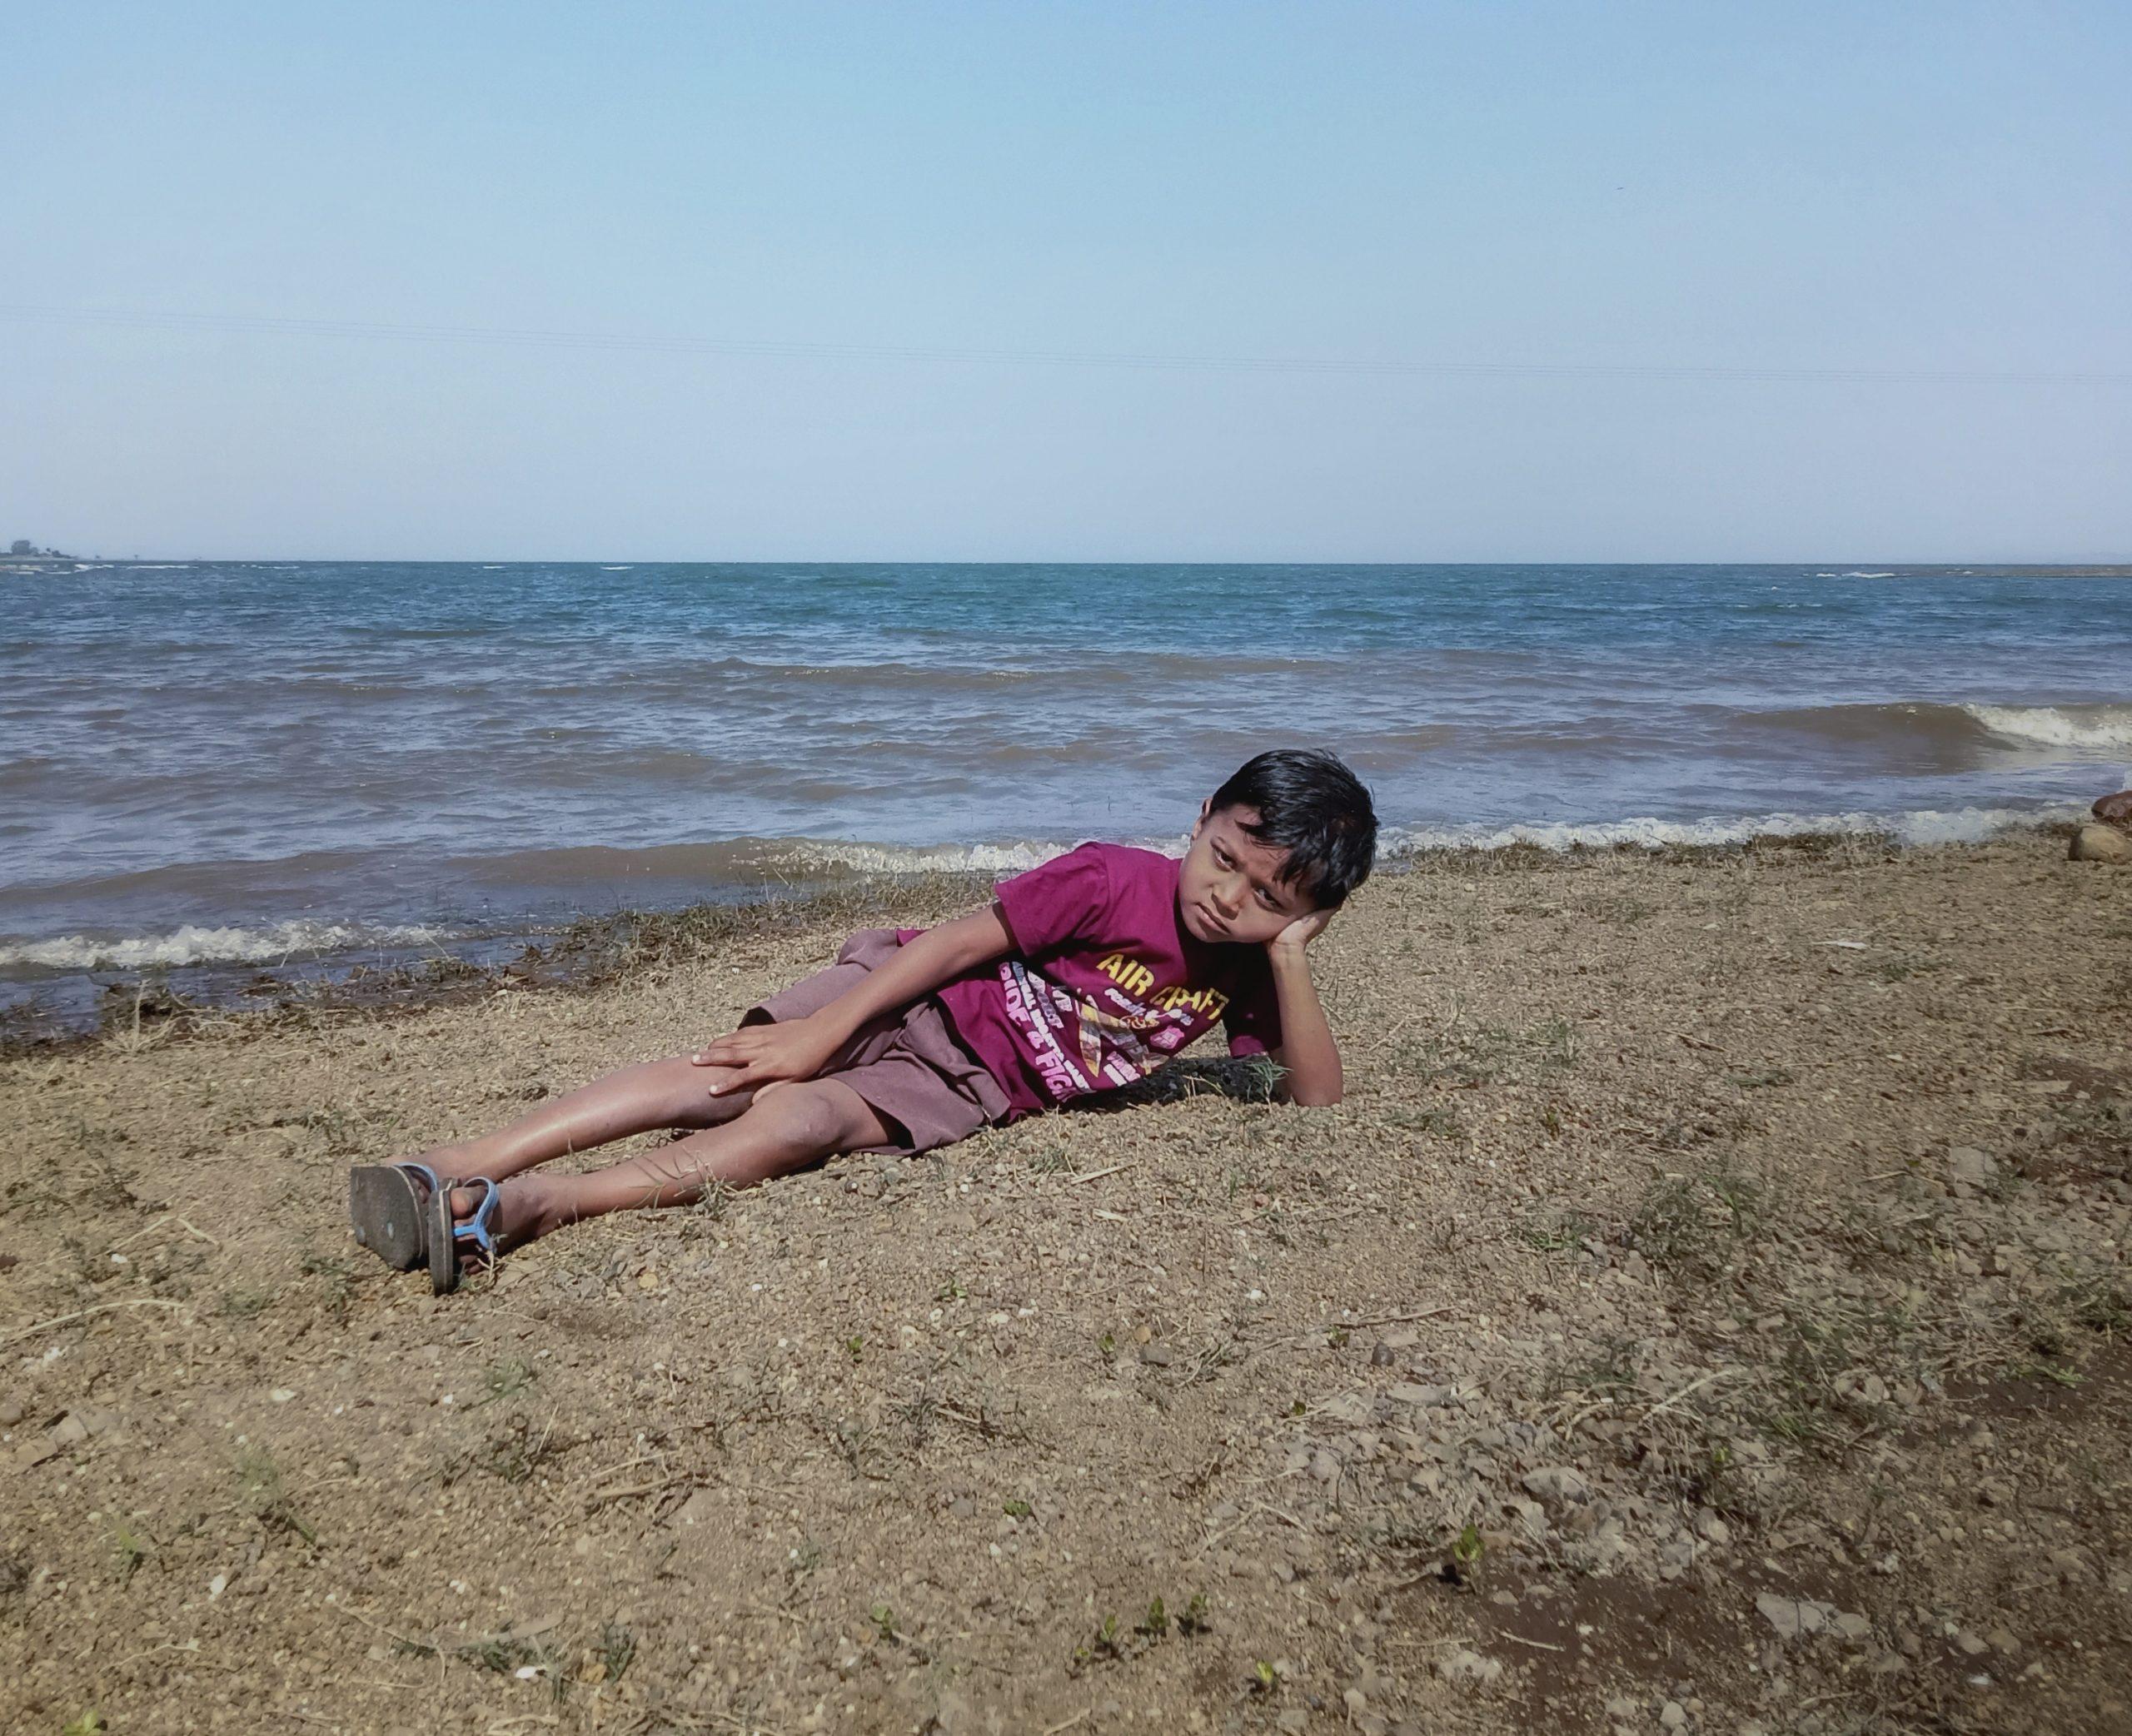 A little boy relaxing on a beach